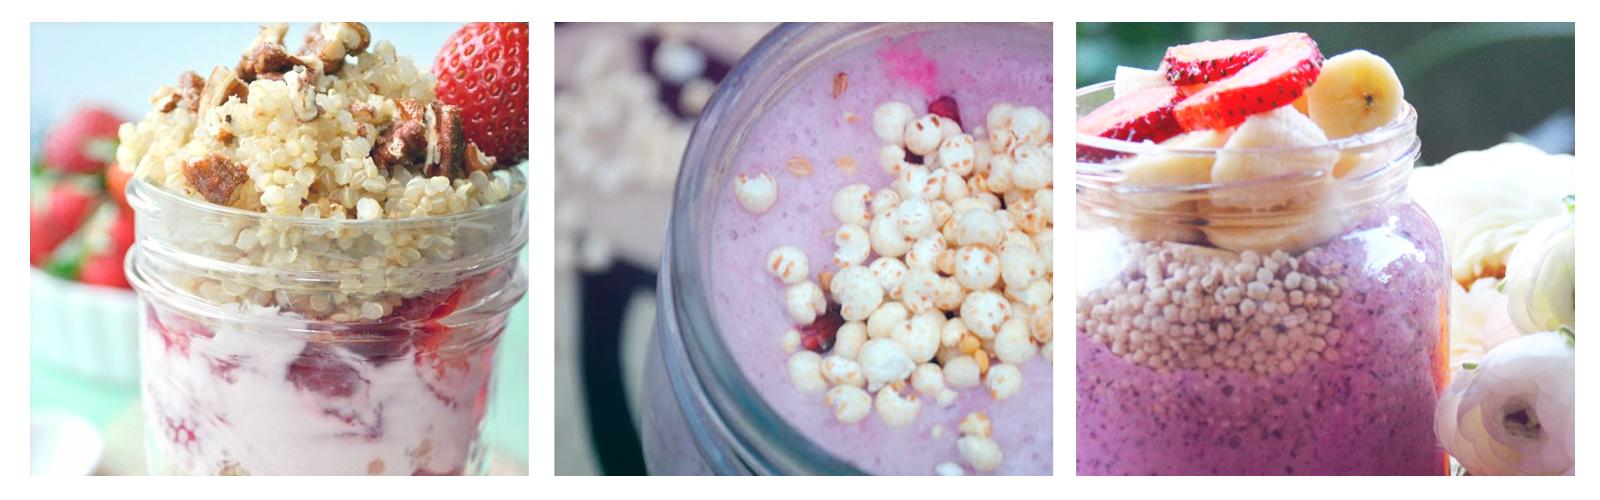 Yogurt de fresas con quinoa, moras azules y plátano